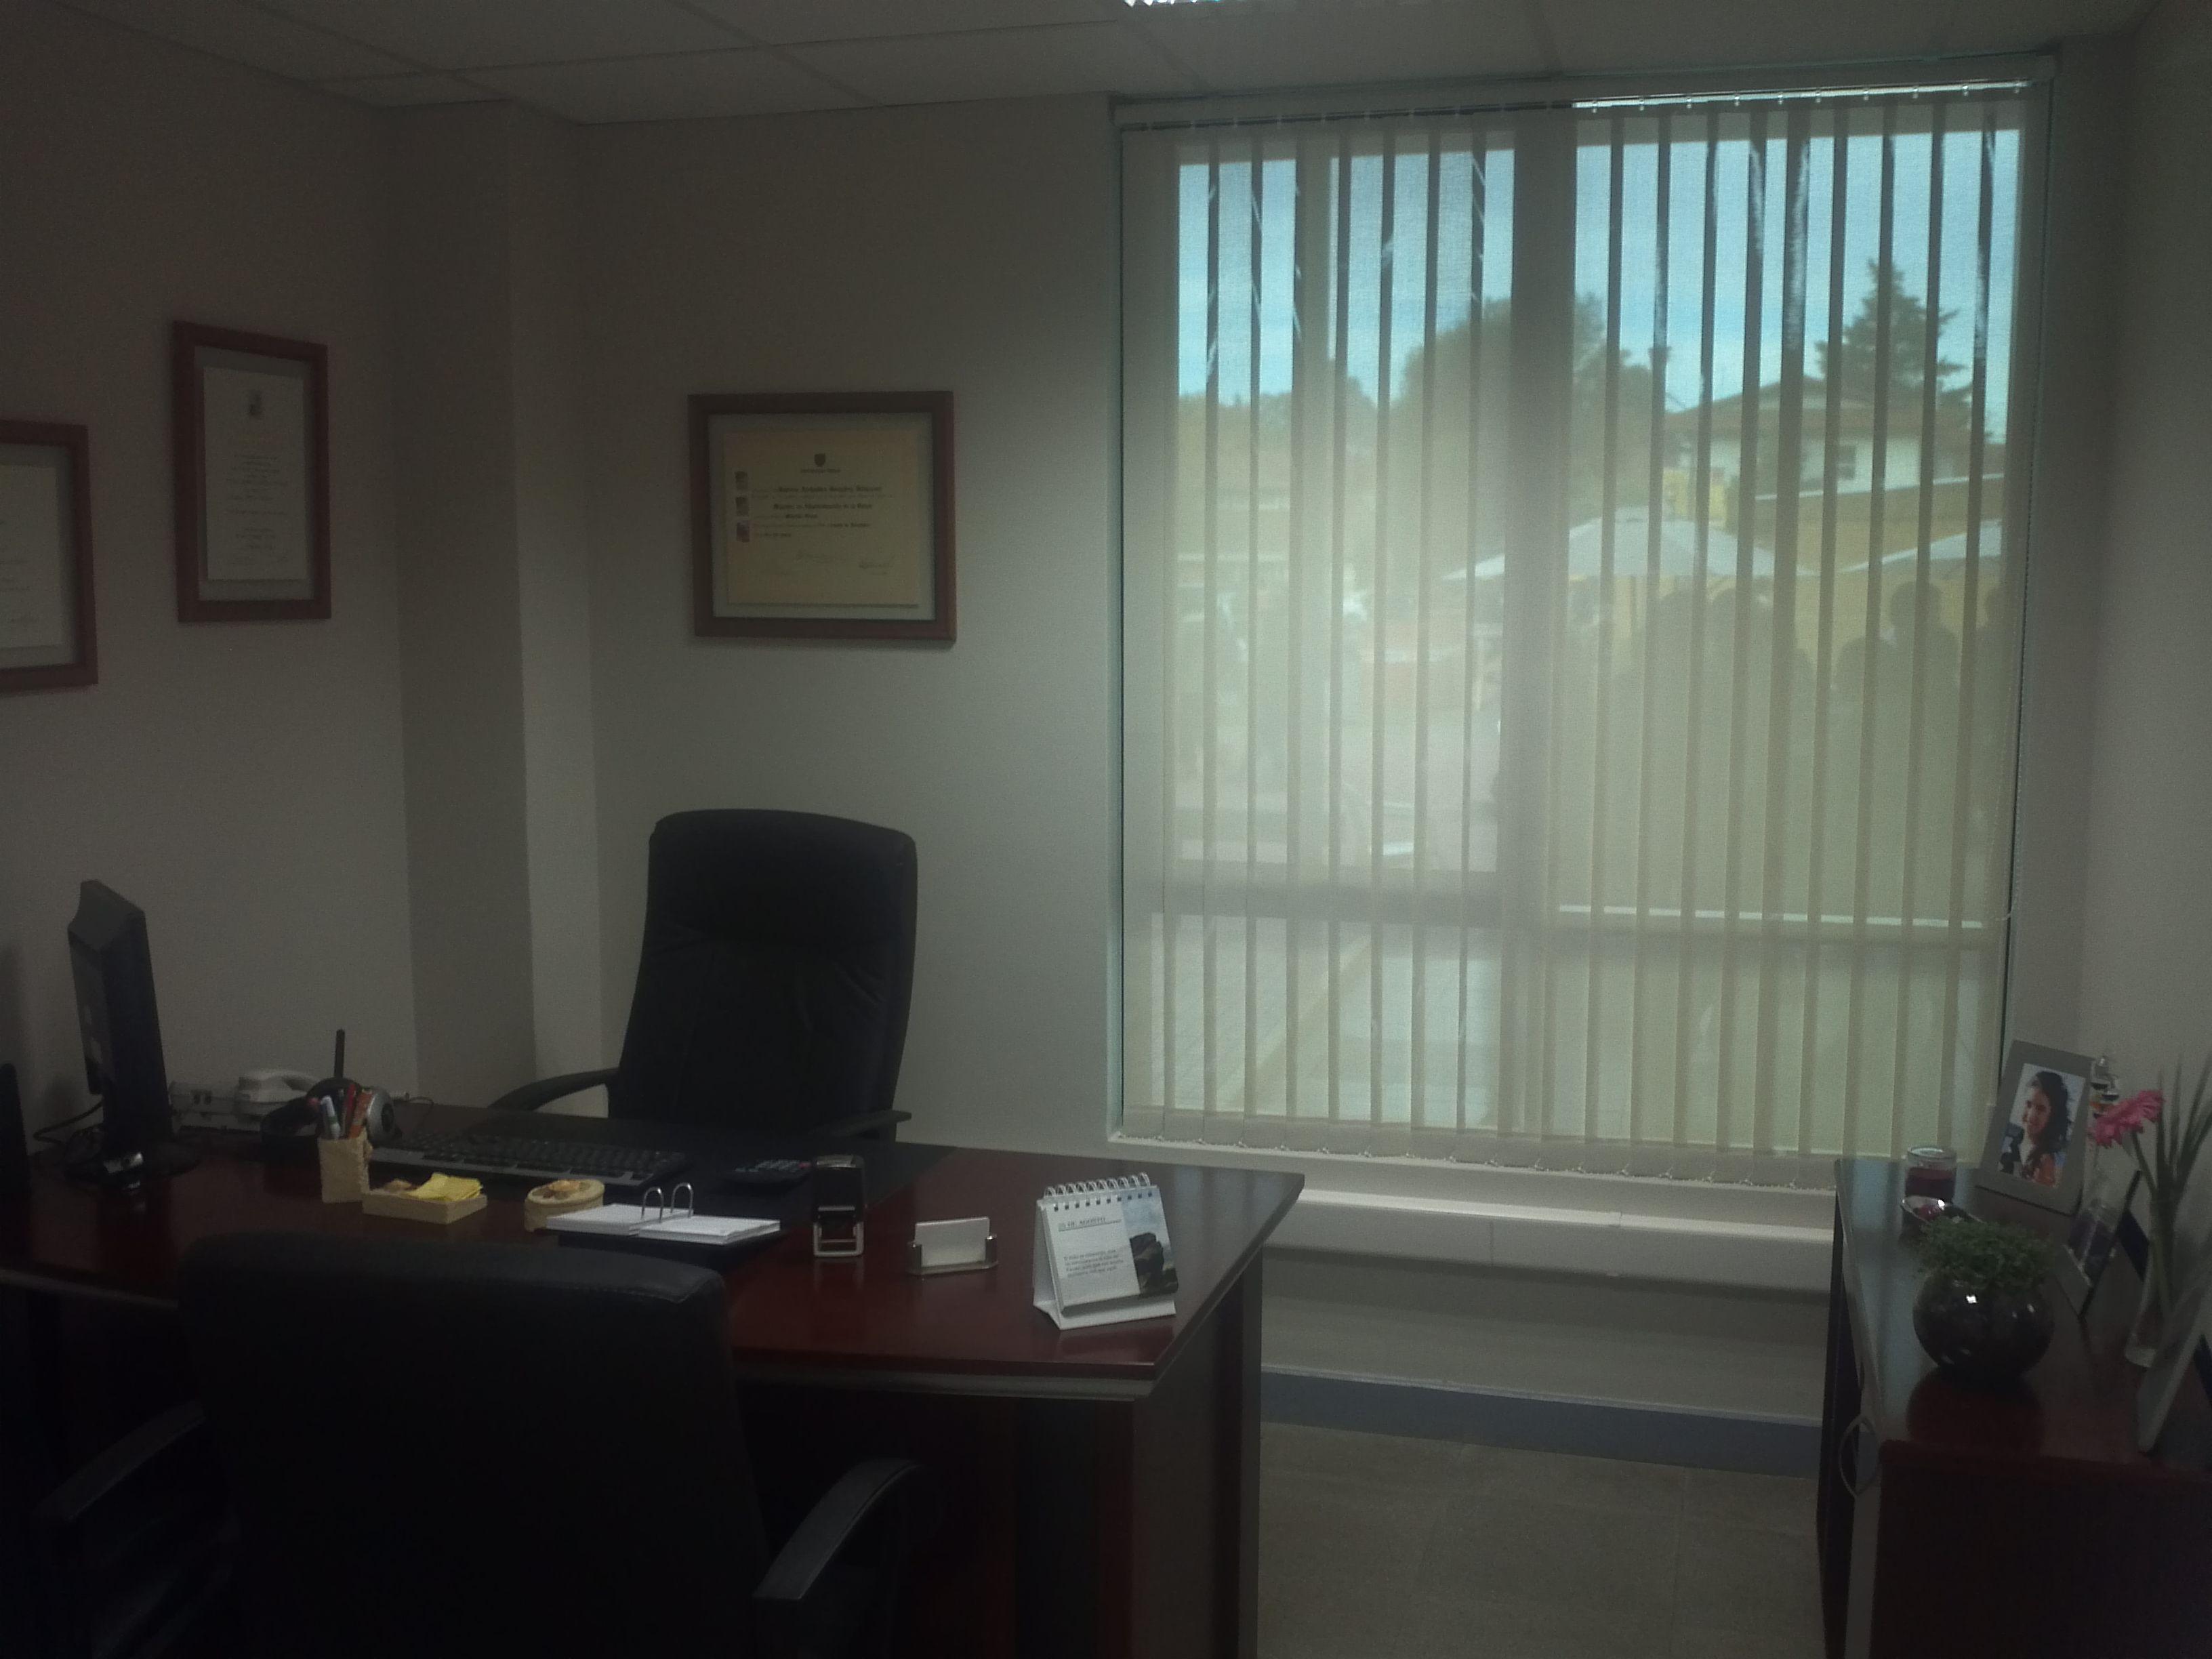 Cortinas verticales screen cortinas de lamas verticales a - Cortinas para oficinas verticales ...